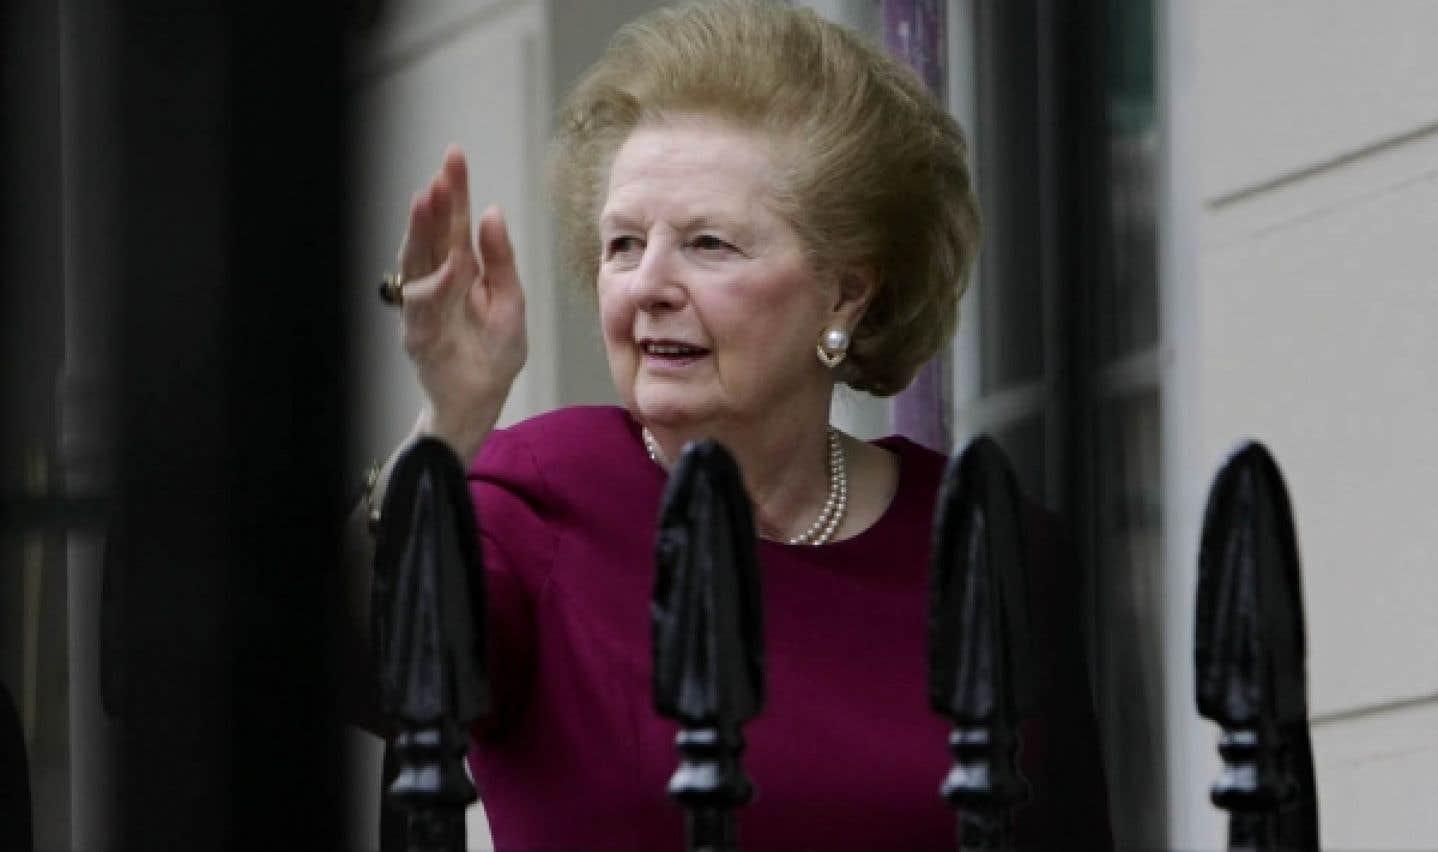 L'entrevue - La nostalgie des années Thatcher